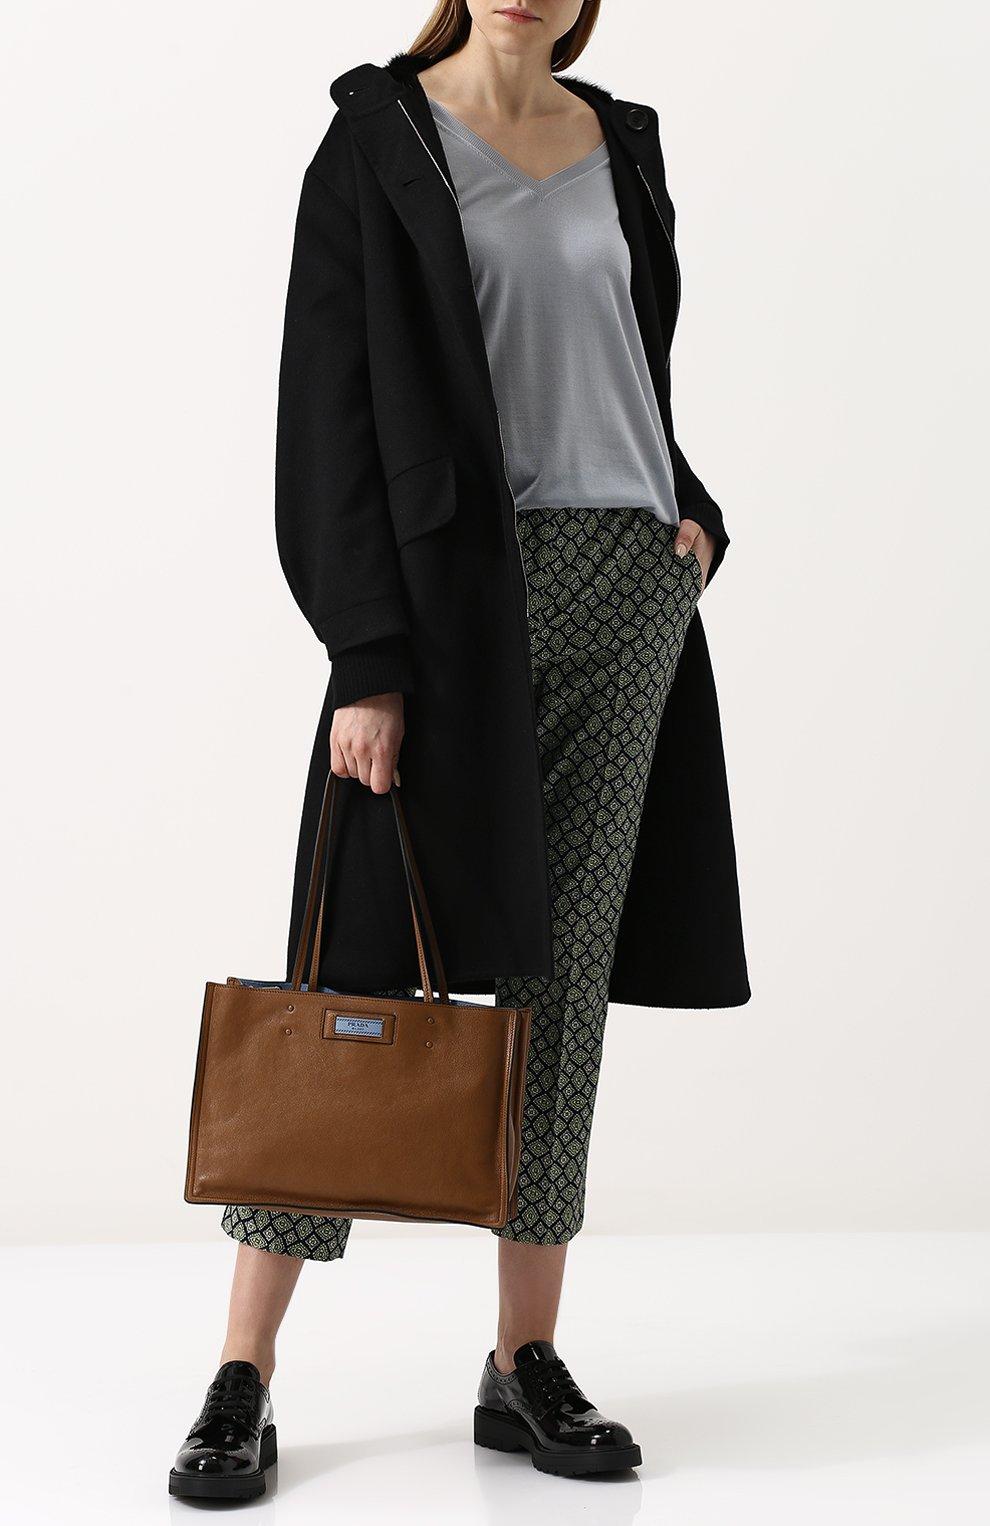 3abc230dbff3 Женская сумка-тоут etiquette PRADA коричневая цвета — купить за ...